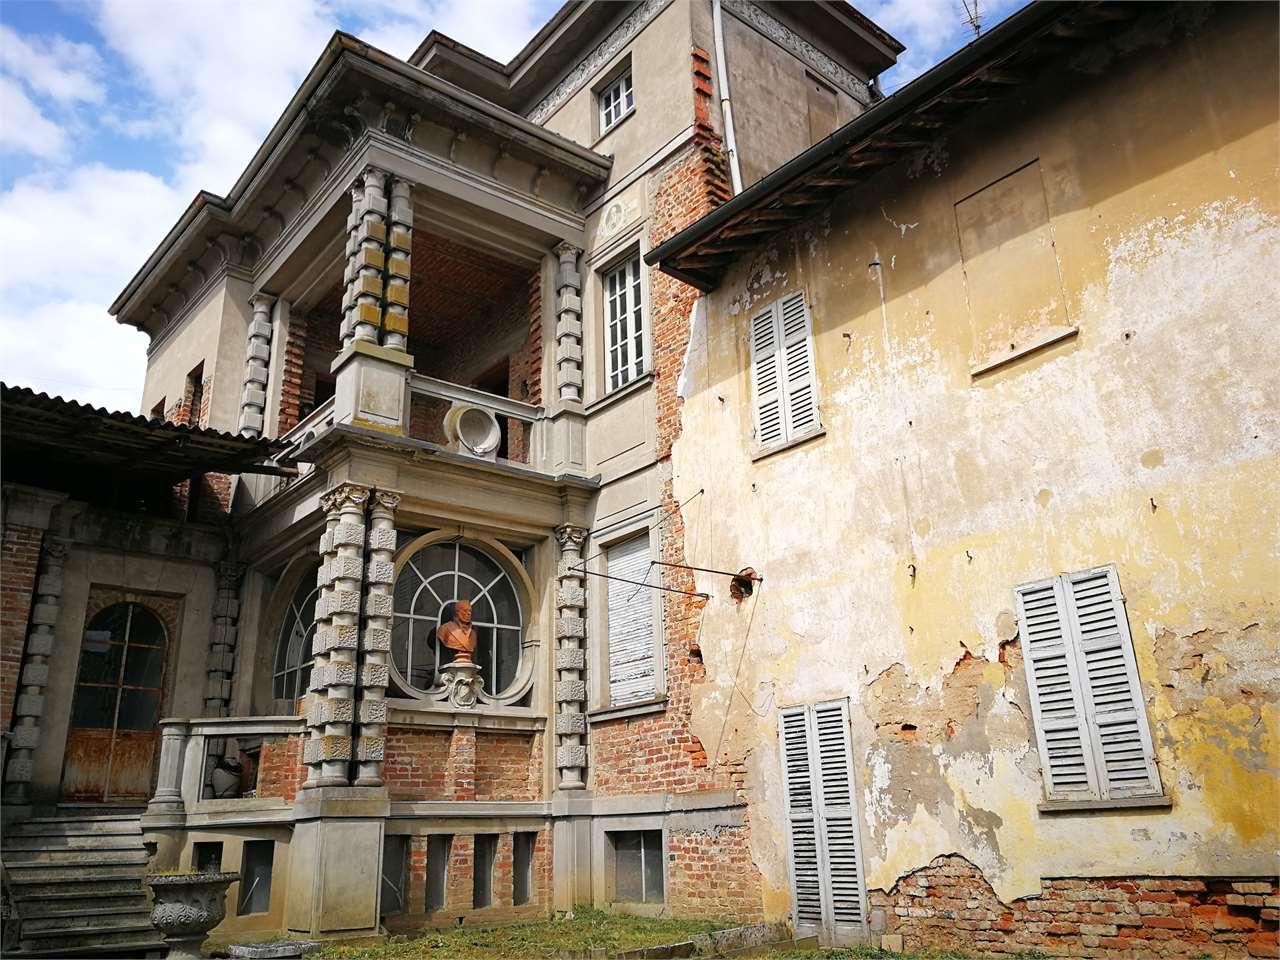 Palazzo / Stabile in vendita a Castelnovetto, 15 locali, prezzo € 40.000 | CambioCasa.it